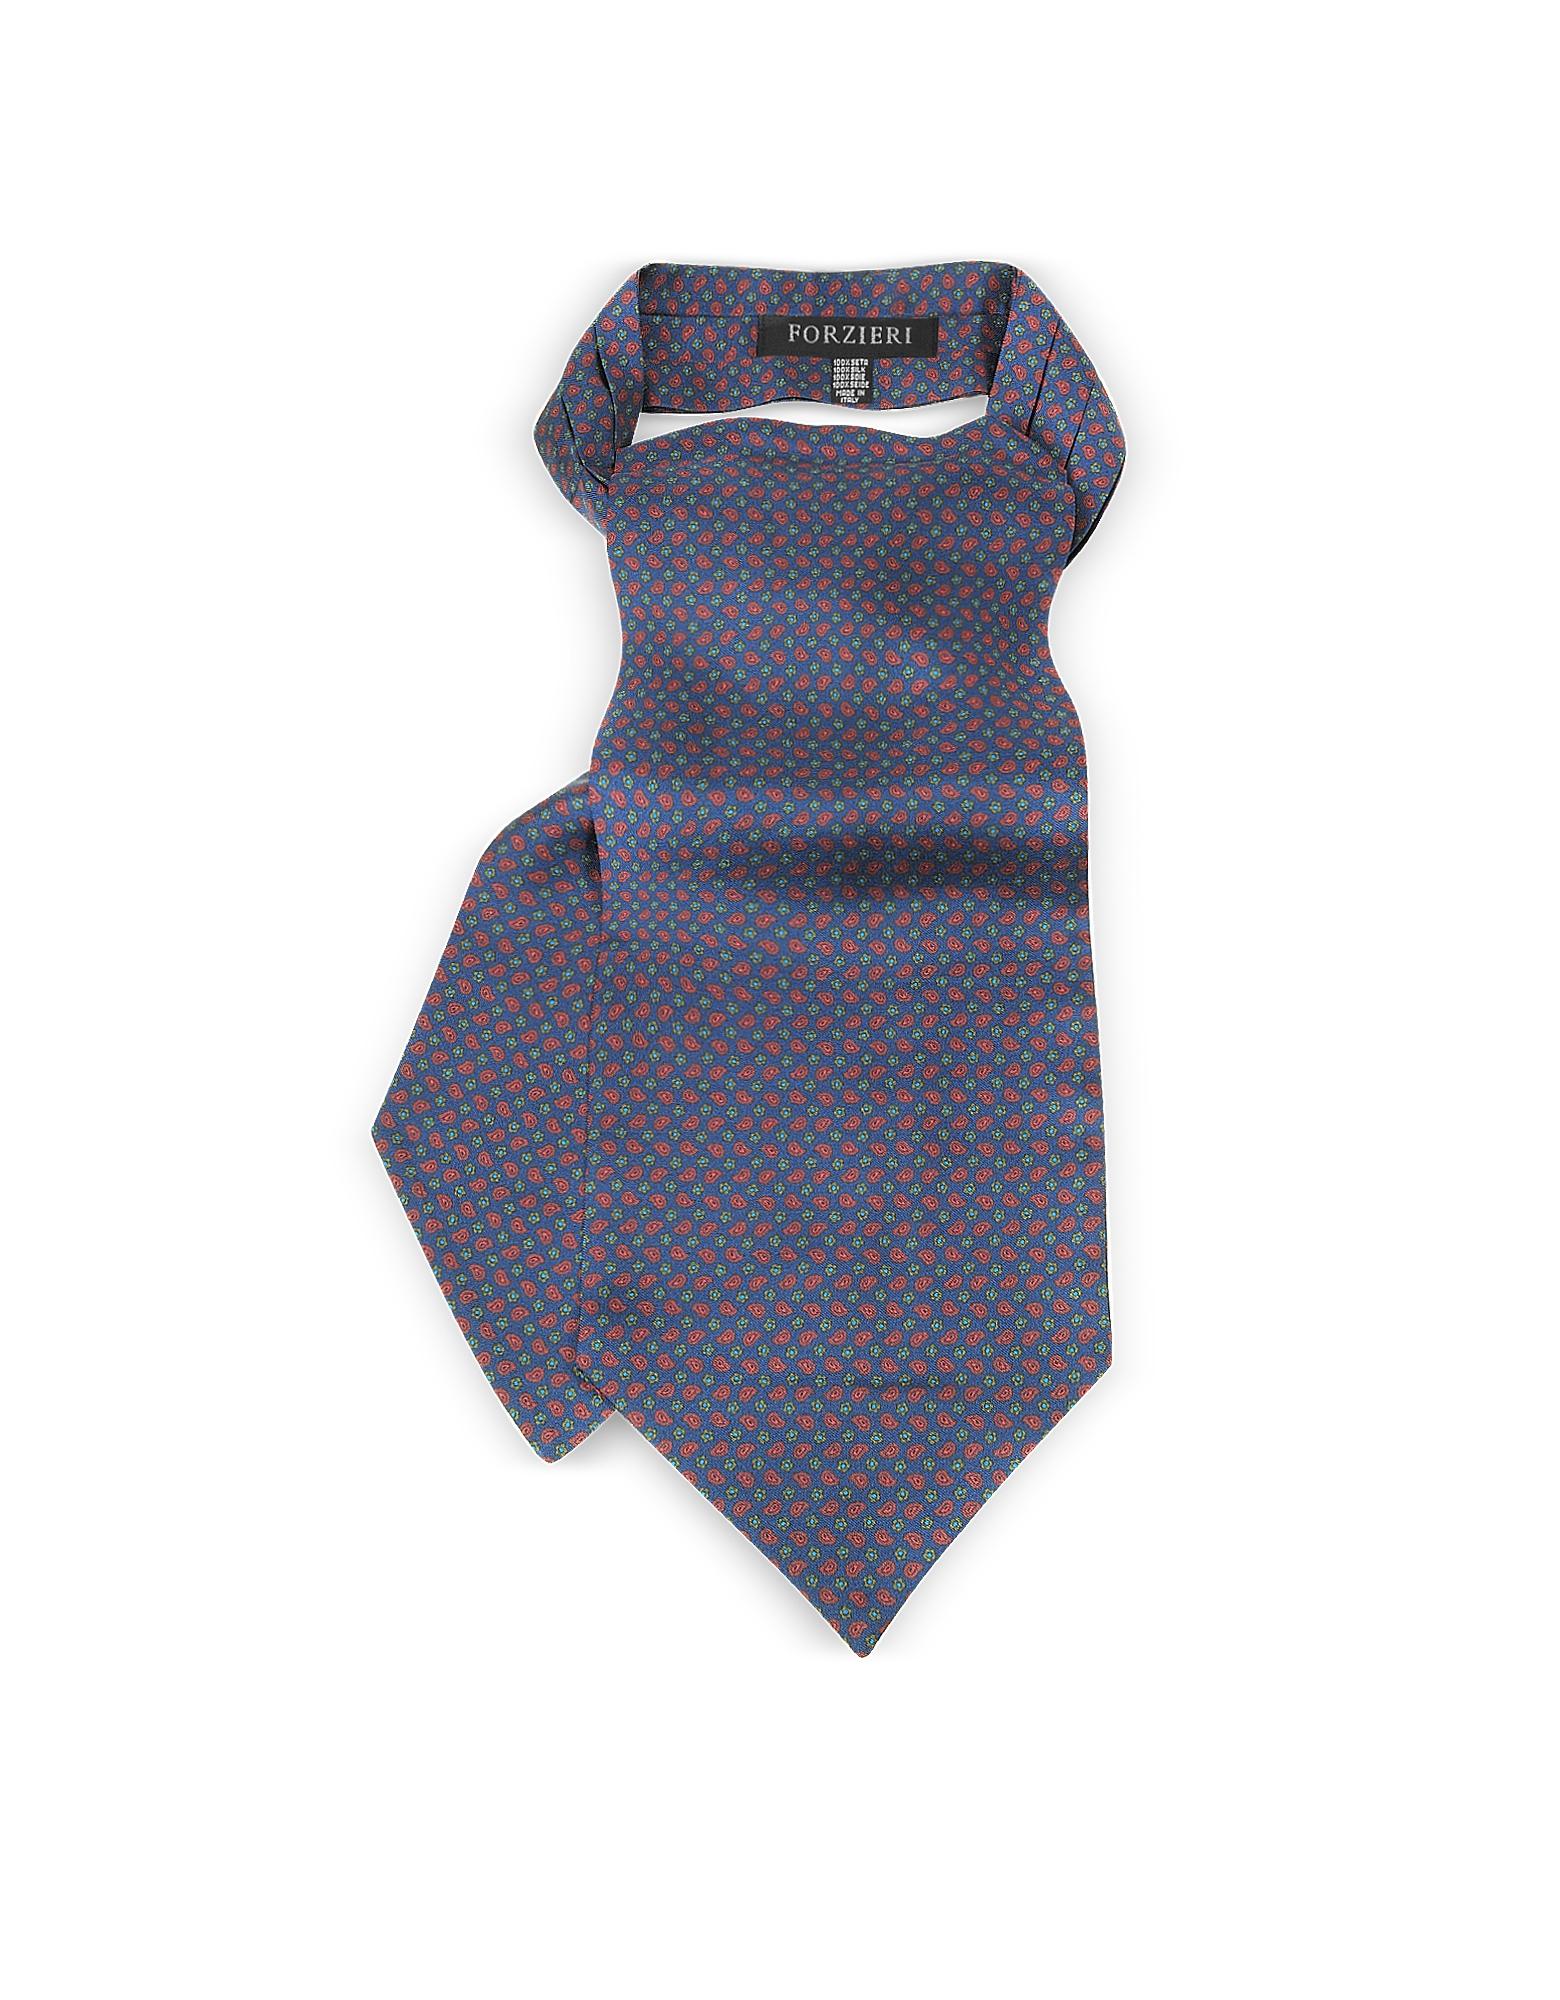 Forzieri Ascot ties, Paisley Print Silk Tie Ascot